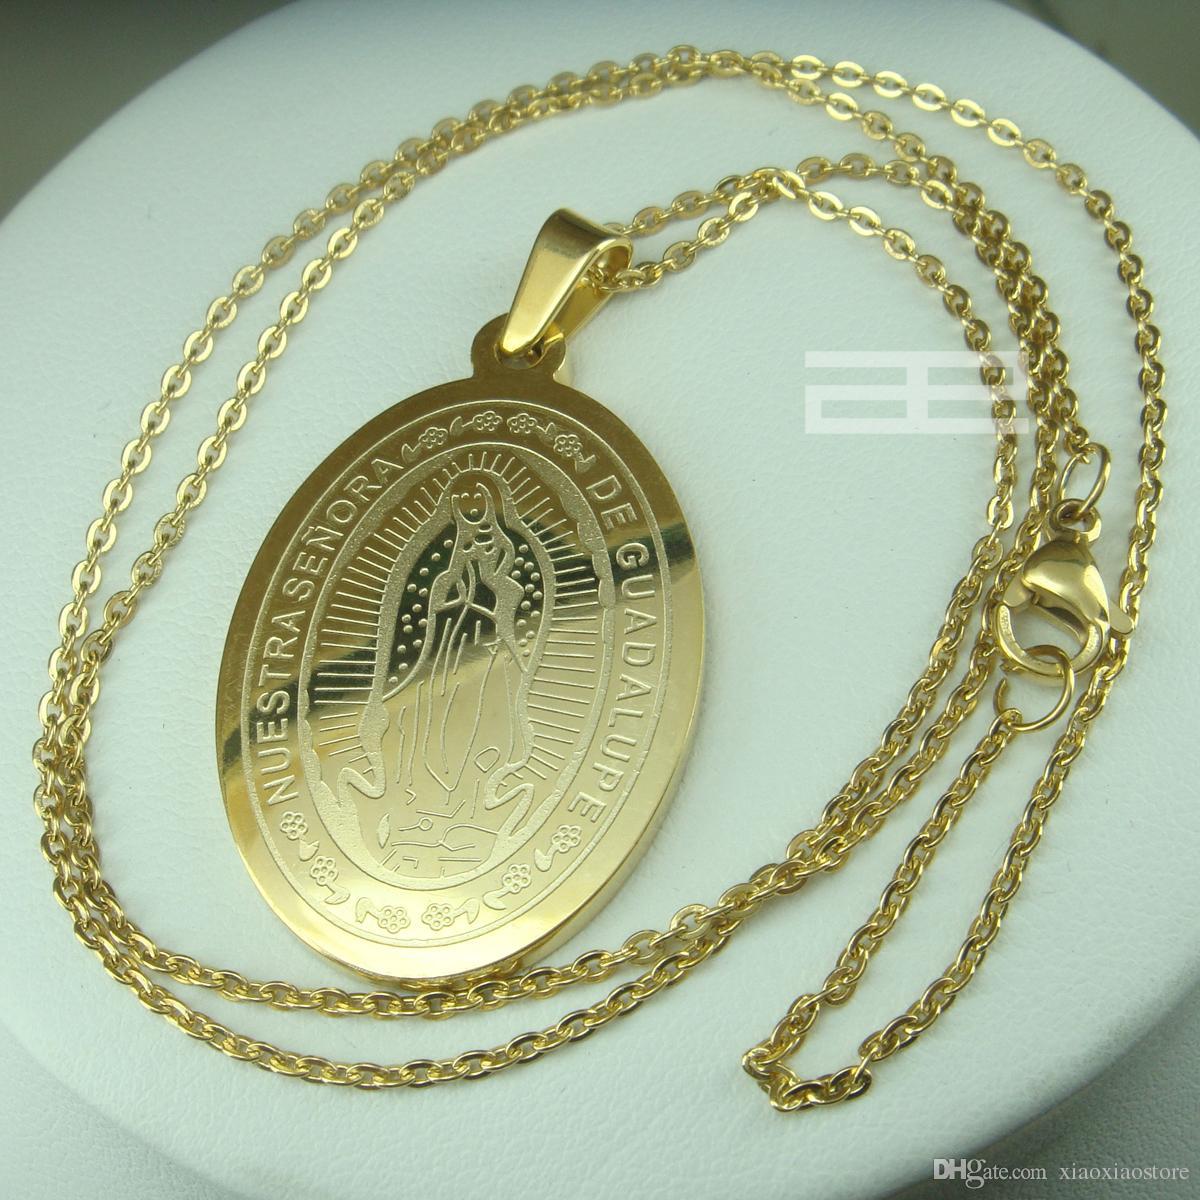 da donna 18K 18CT GP in oro giallo La collana con pendente a catena Virgin Mary N204